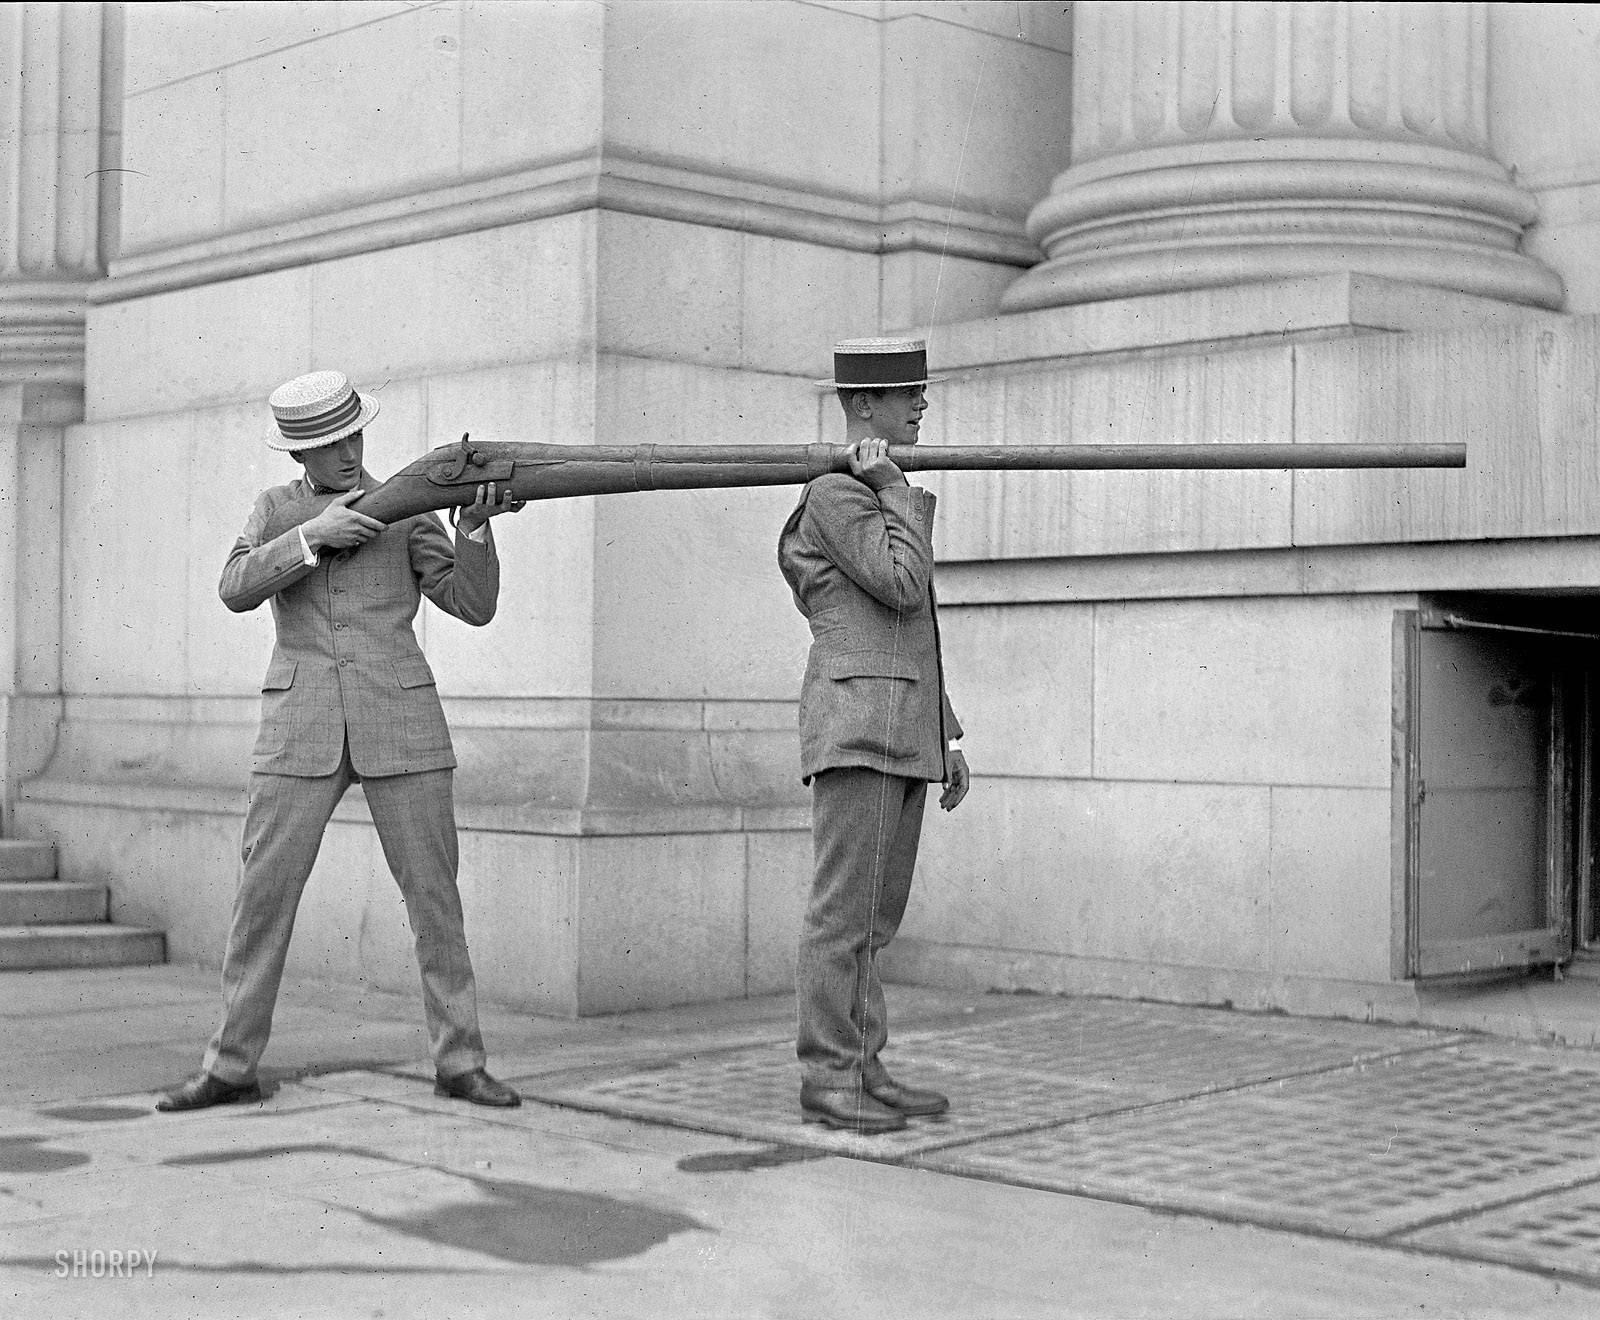 уточница утятница гусятница пантган punt gun самое большое ружье в мире самый большой дробовик гигантское оружие история охота отвратительные мужики disgusting men